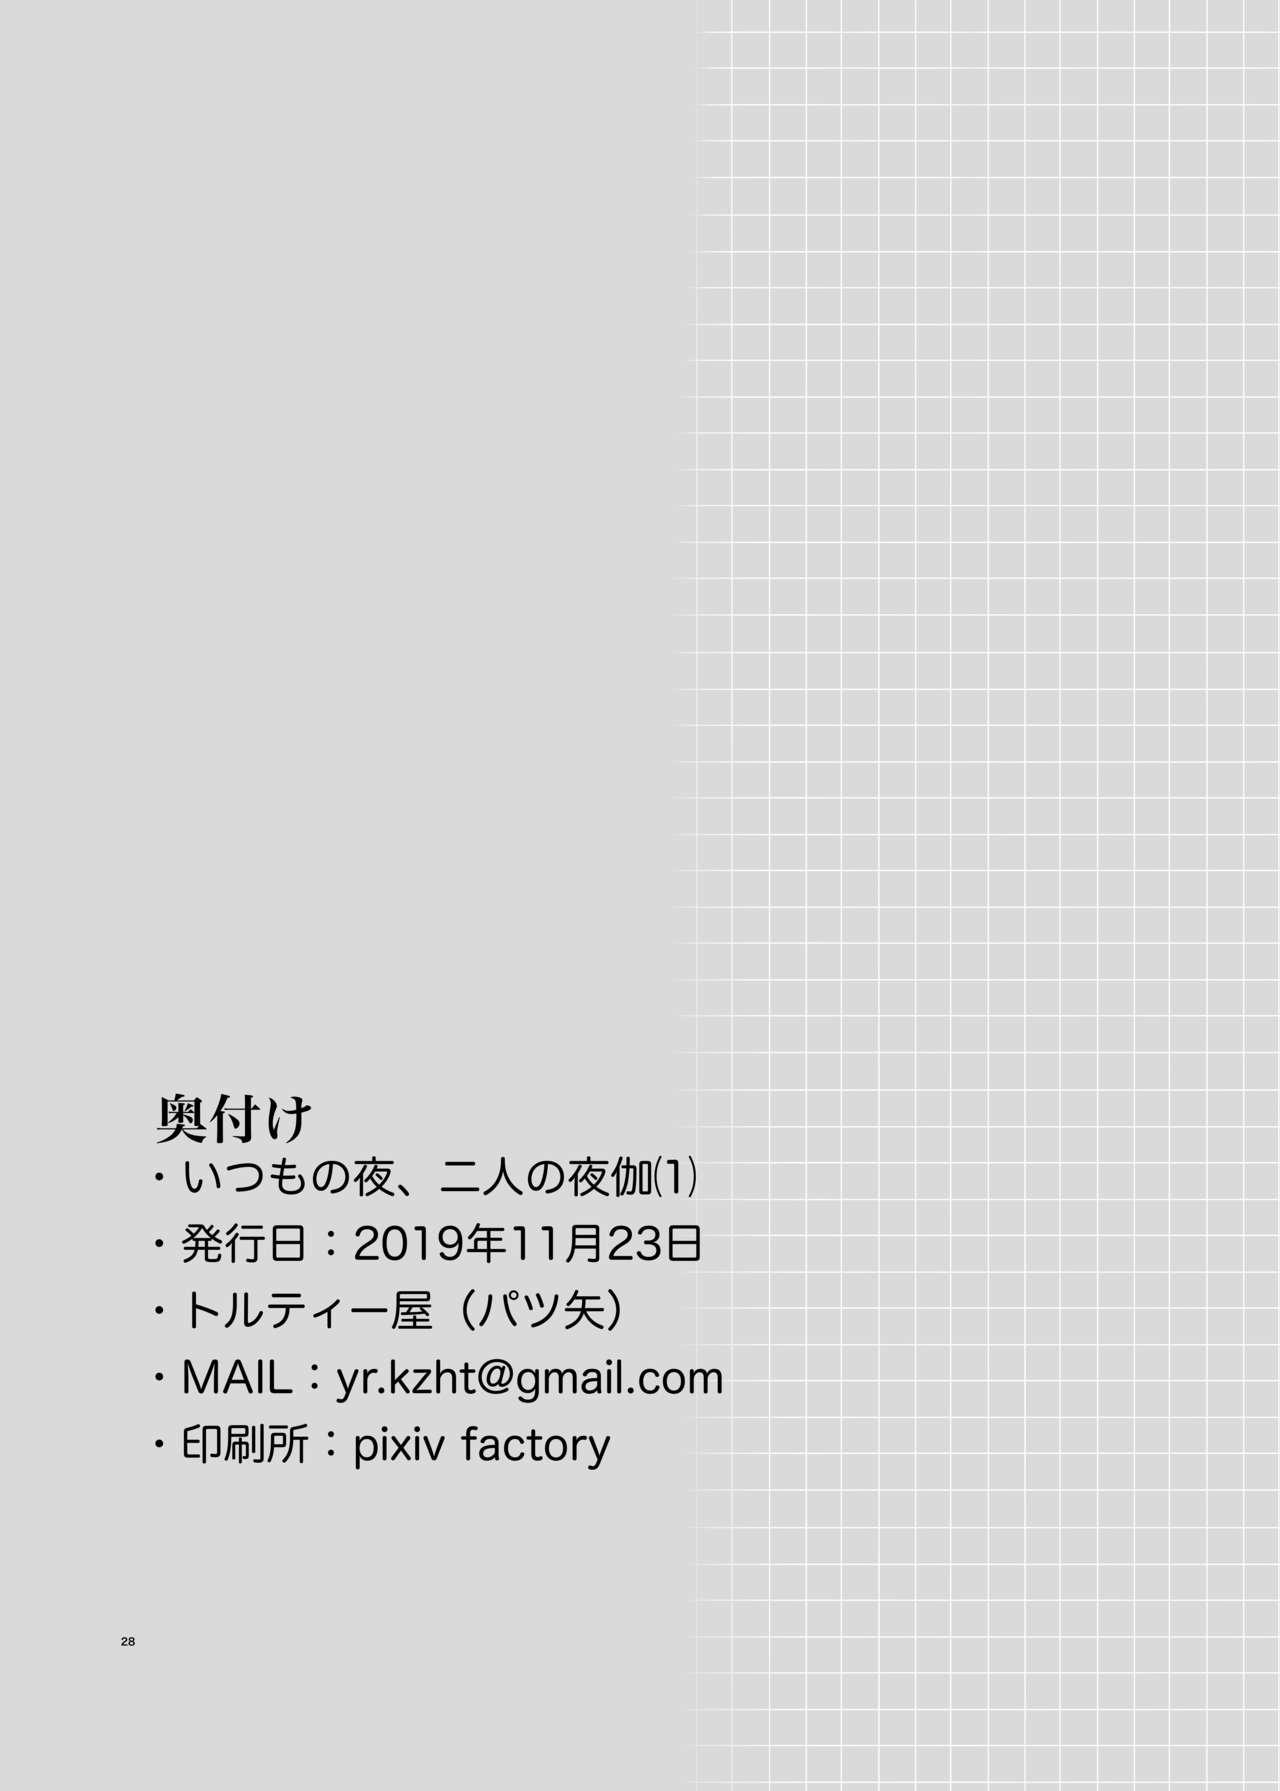 Itsumo no yoru futari no yotogi⑴ 28